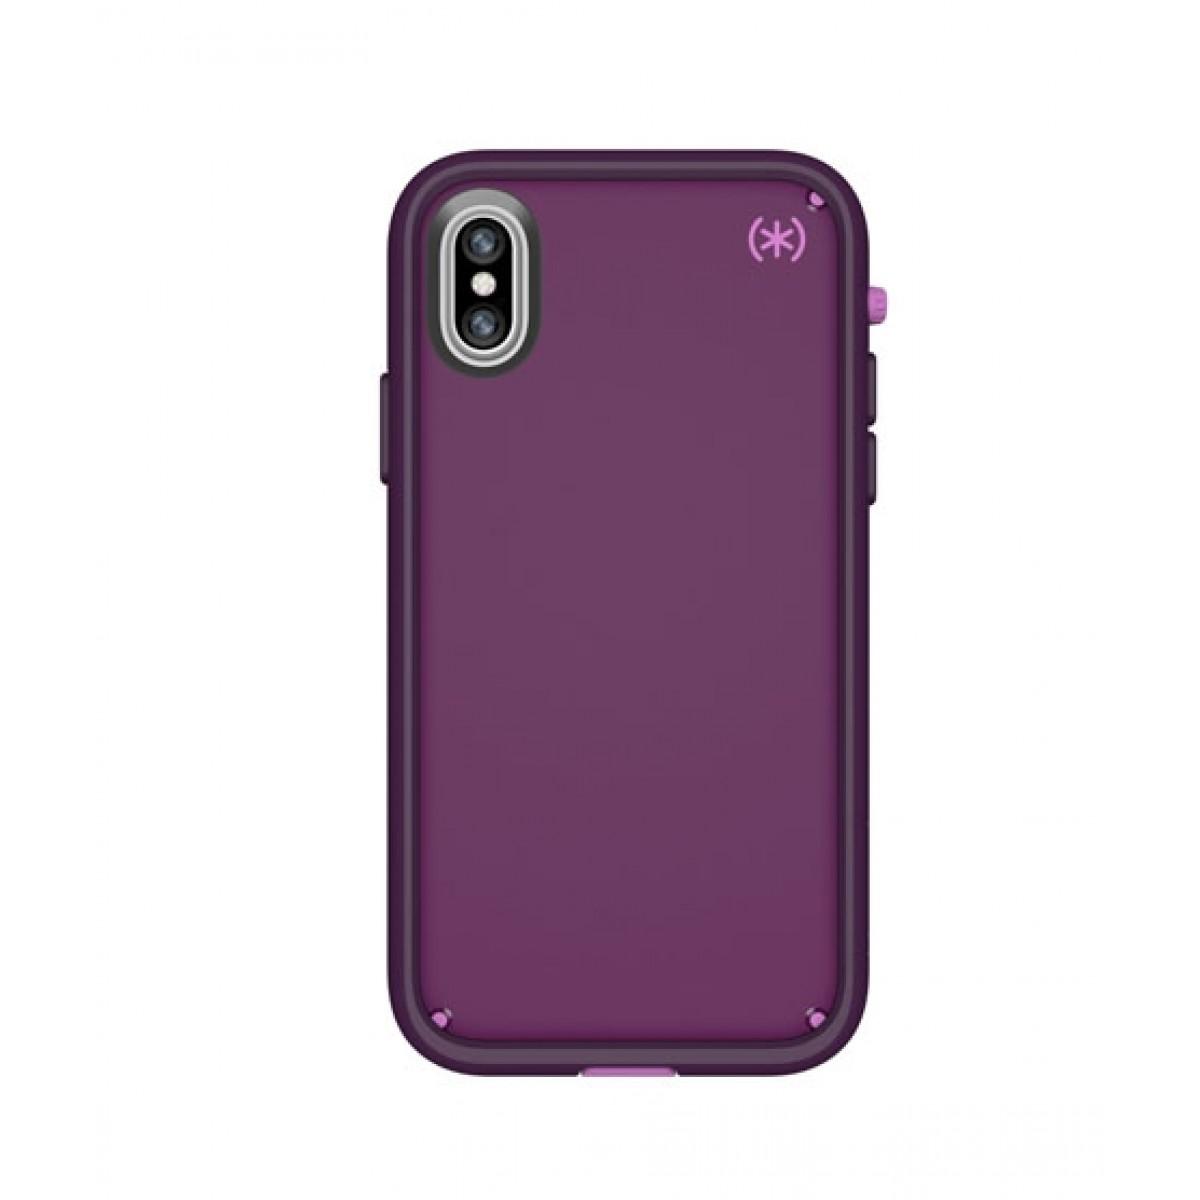 cheaper 3f0c5 3f782 Speck Presidio Ultra Purple/Pink Case For iPhone X/XS